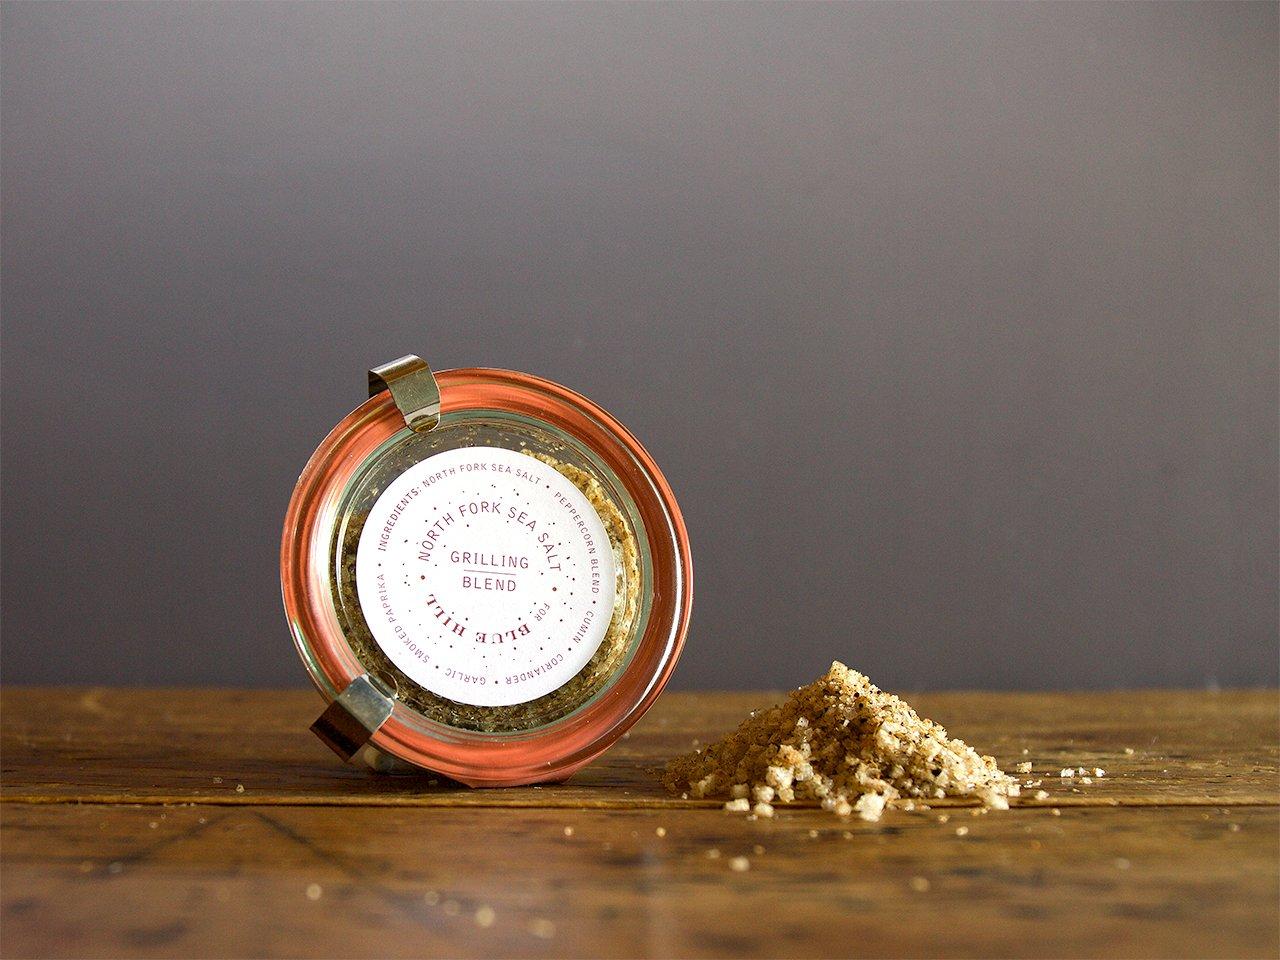 North Fork Sea Salt - Grilling Blend (Blue Hill Exclusive)